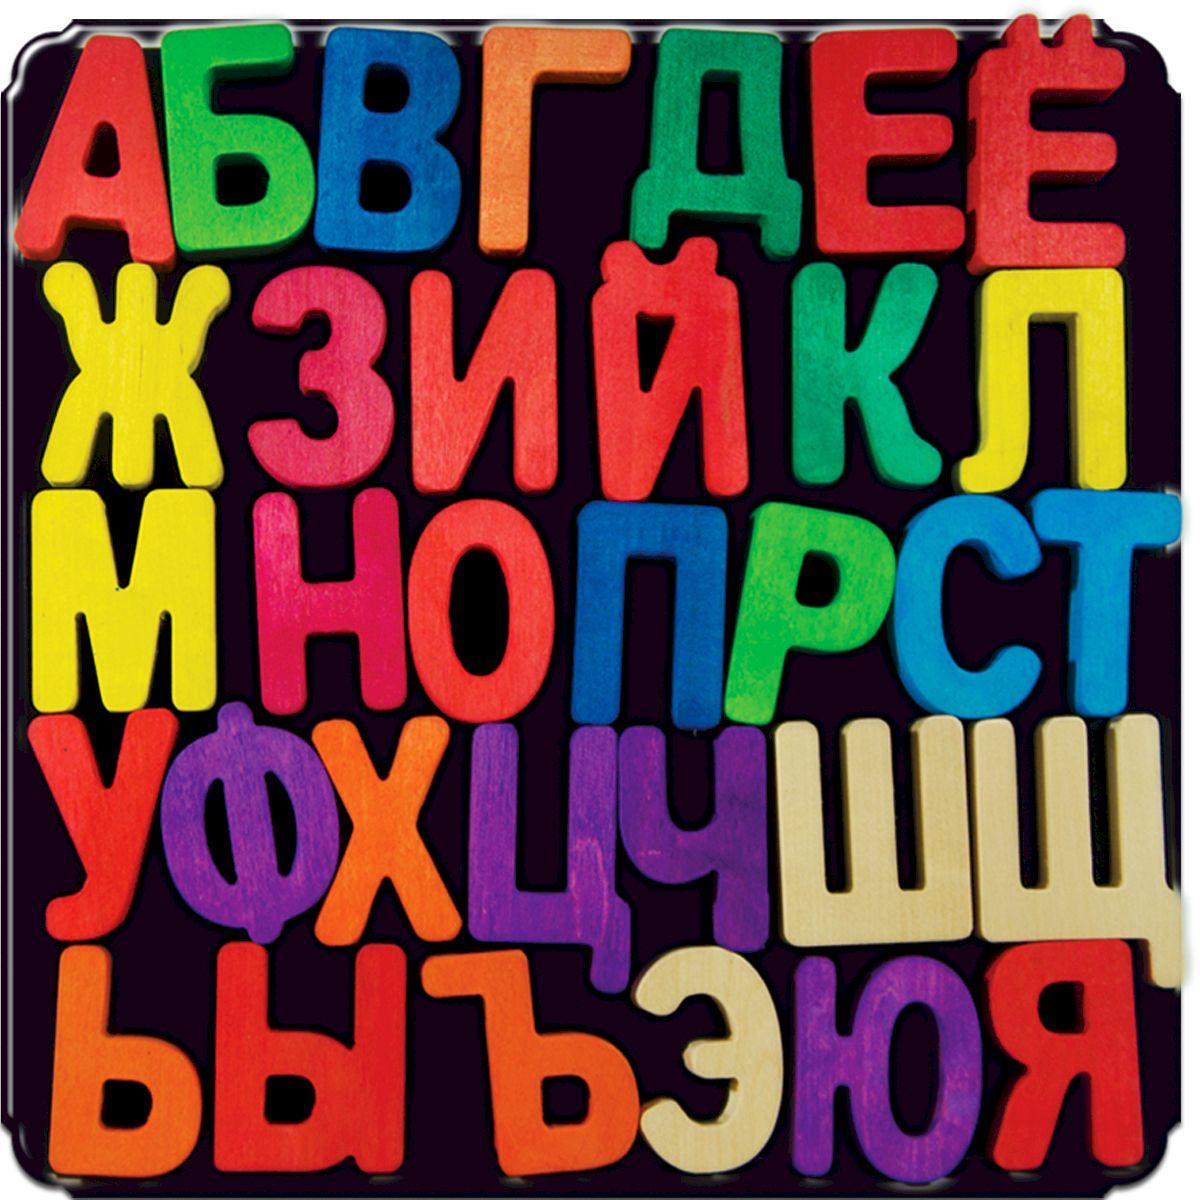 Деревяшкино Обучающая игра Магнитные Буквы105Развивающая тематическая игрушка (средней степени сложности) подходит для мальчиков и девочек в возрасте от 3 лет. Поможет в обучении малыша чтению и речи. Игра с цветными буквами поможет малышу изучить цвета. Развивает память, мелкую моторику детских ручек, усидчивость и терпение. Теперь обучение буквам и чтению станет намного проще и интереснее, ведь все это происходит в игровой форме. Экологически чистый продукт: изготовлено вручную из массива березы. Игрушка раскрашена пищевой водостойкой краской, что делает взаимодействие с изделием абсолютно безопасным: никаких лаков, «химии» или добавок.